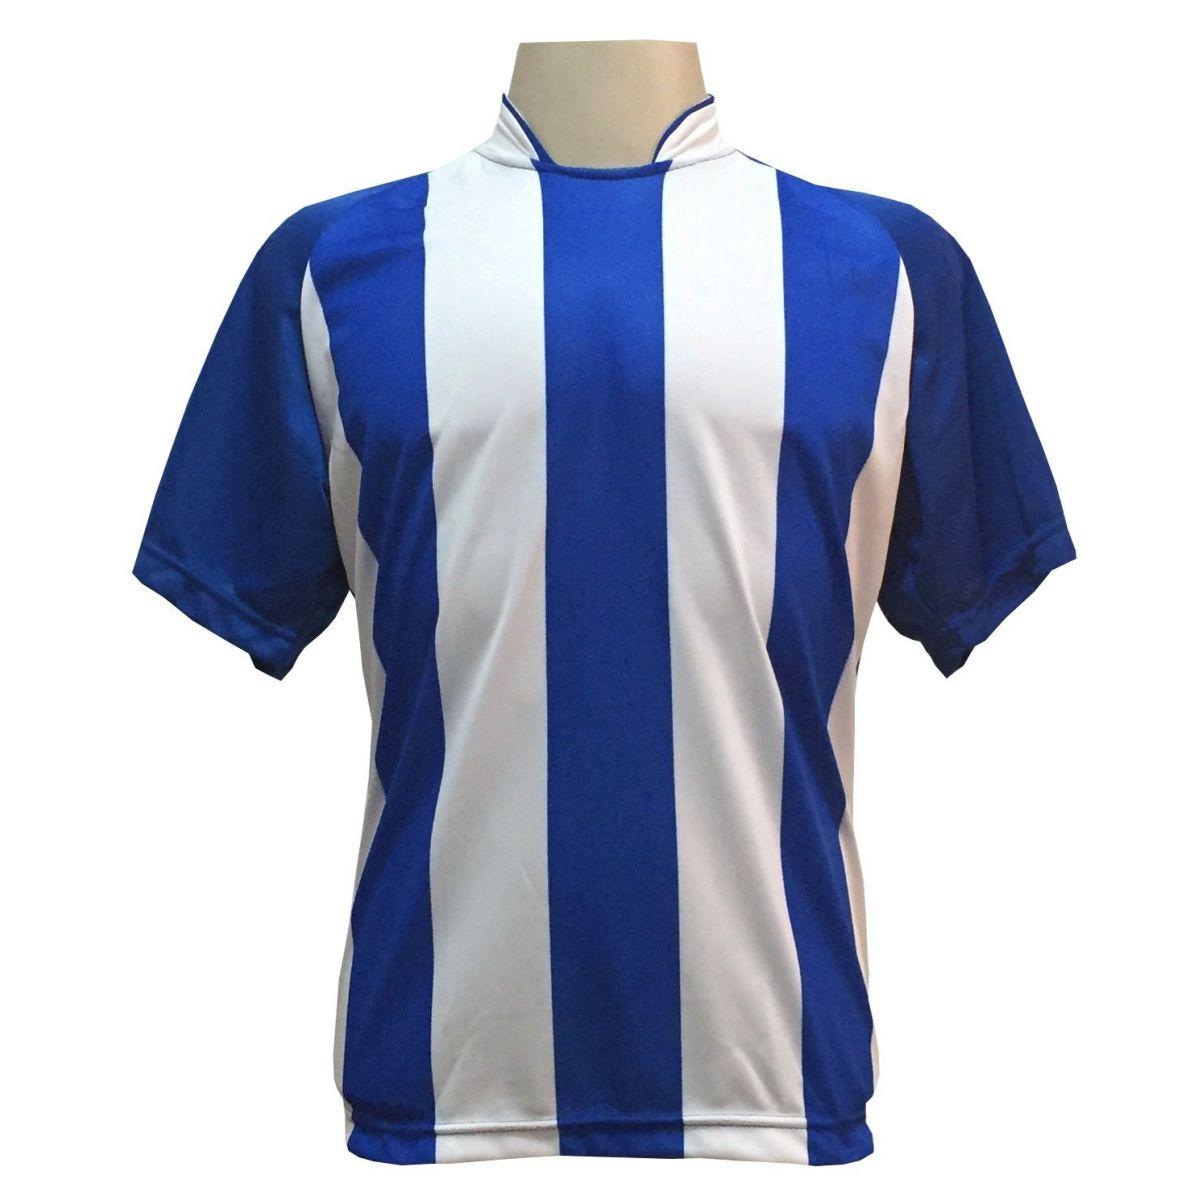 Uniforme Esportivo com 12 Camisas modelo Milan Royal/Branco + 12 Calções modelo Madrid Royal + 12 Pares de meiões Royal